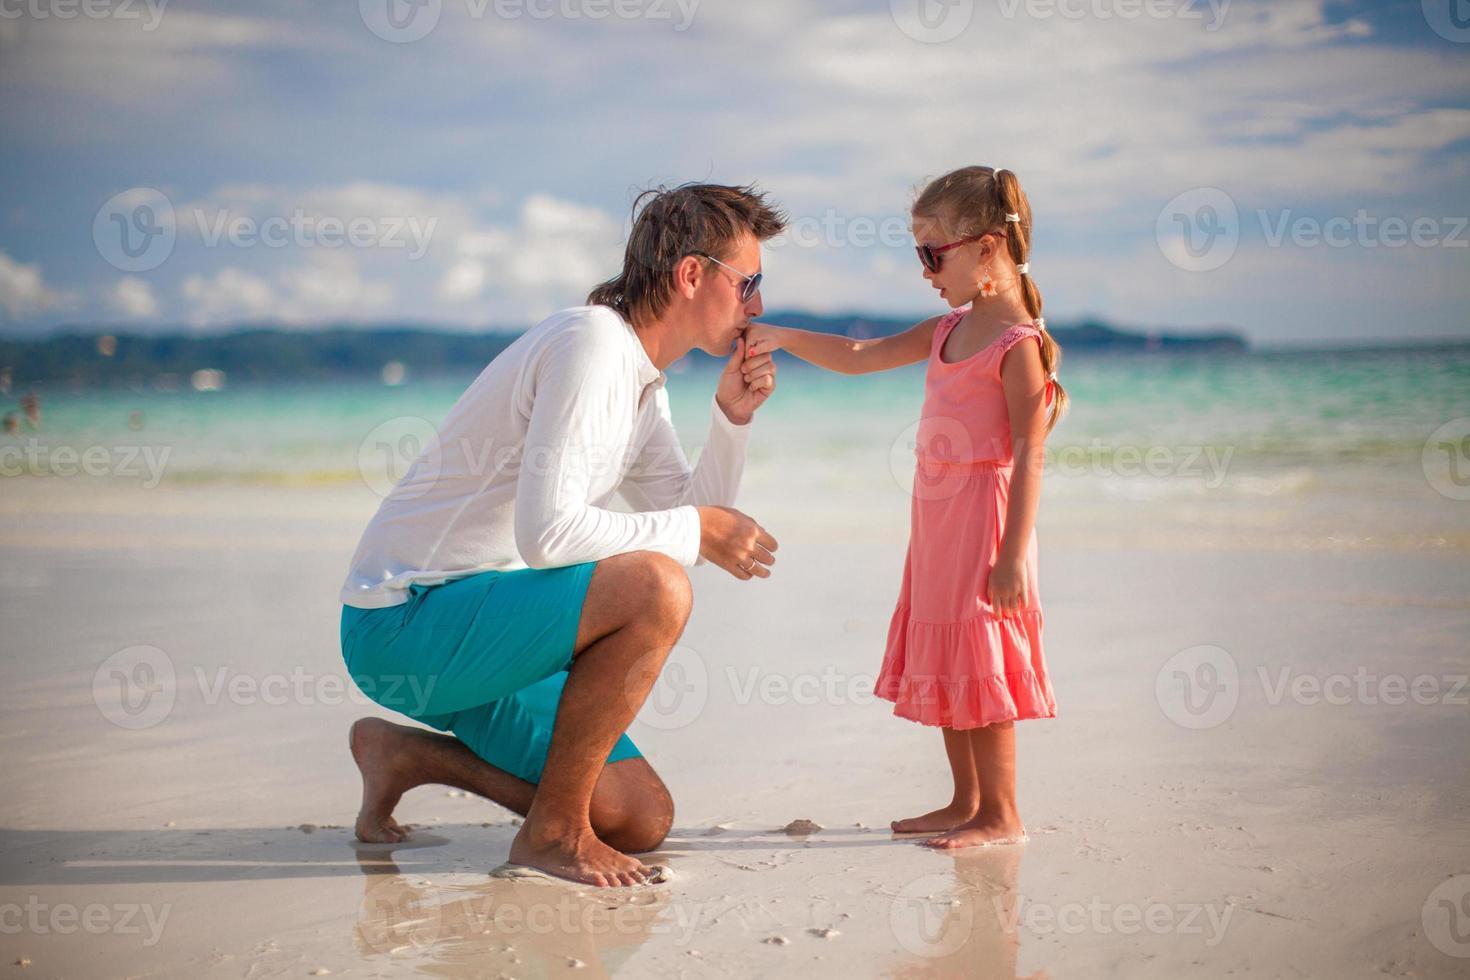 Papa embrassant la main de sa petite fille sur une plage exotique photo